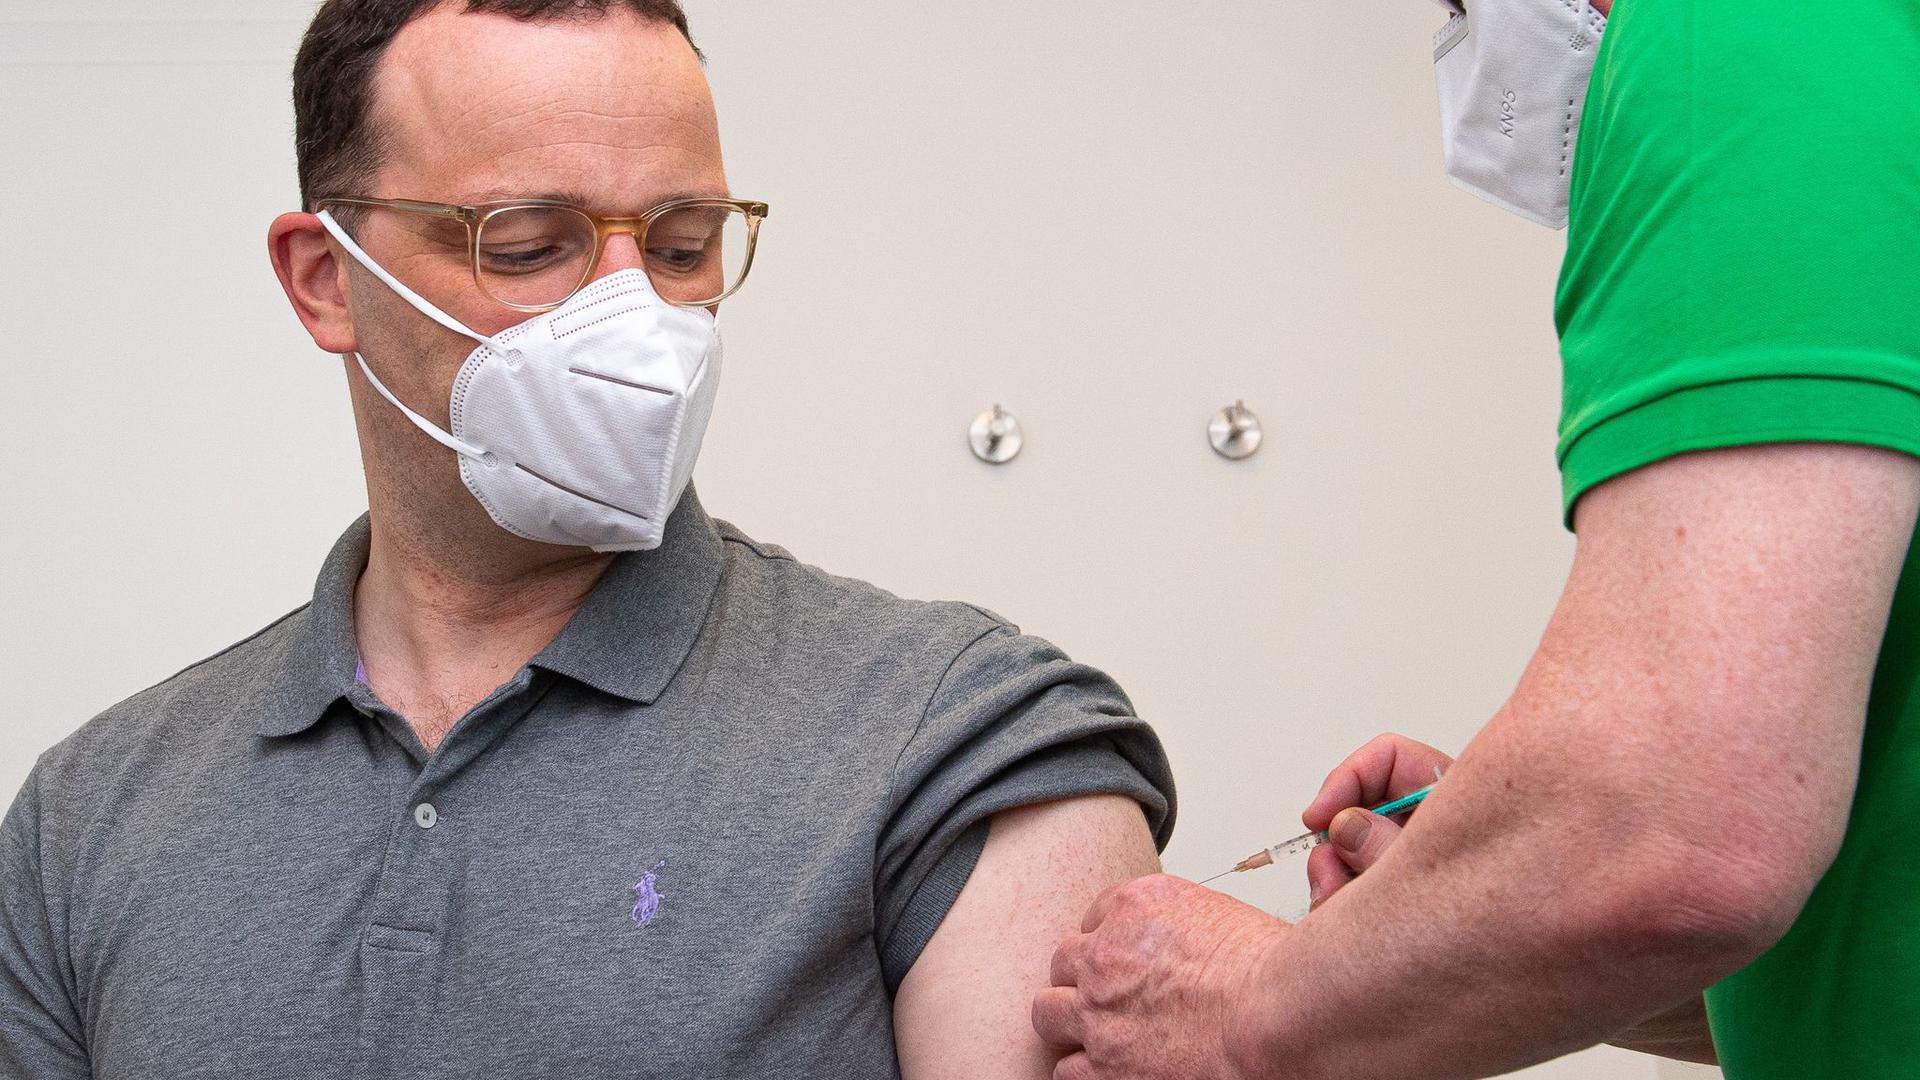 Jens Spahn (l,CDU), Bundesminister für Gesundheit, wird in einer Hausarztpraxis mit dem Impfstoff AstraZeneca geimpft.